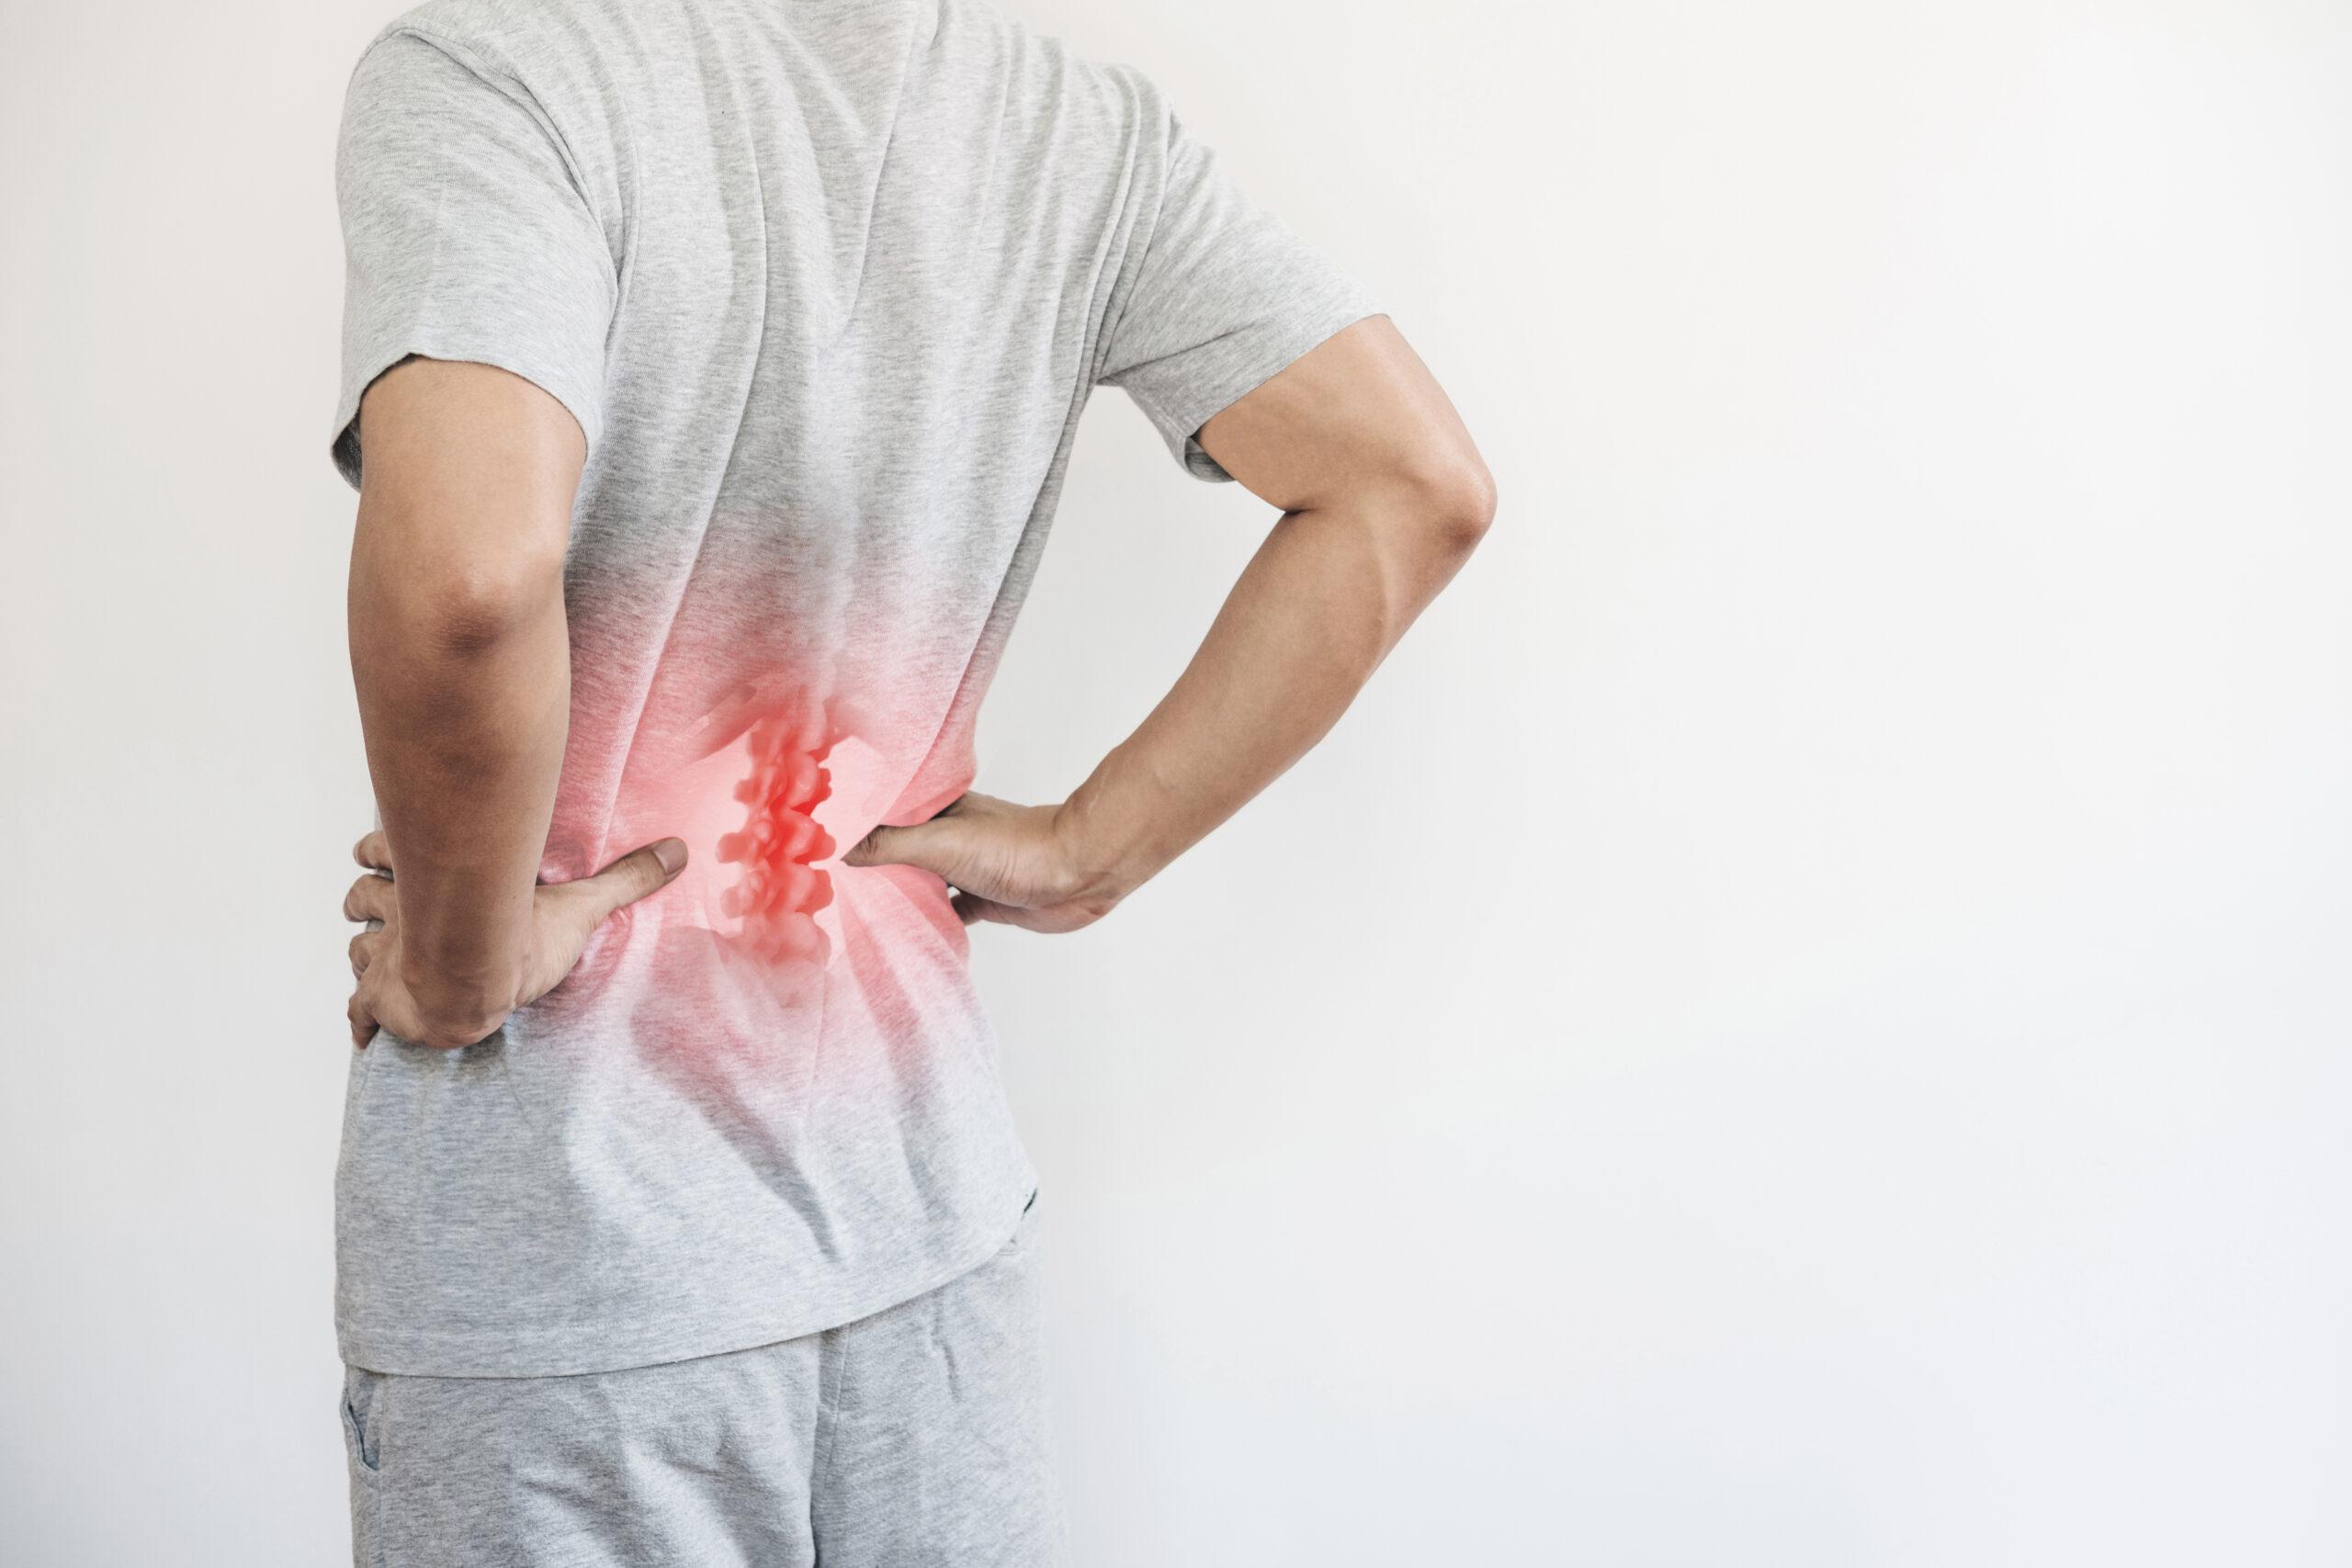 Центр здоров'я Solard - Боль в пояснице - 5